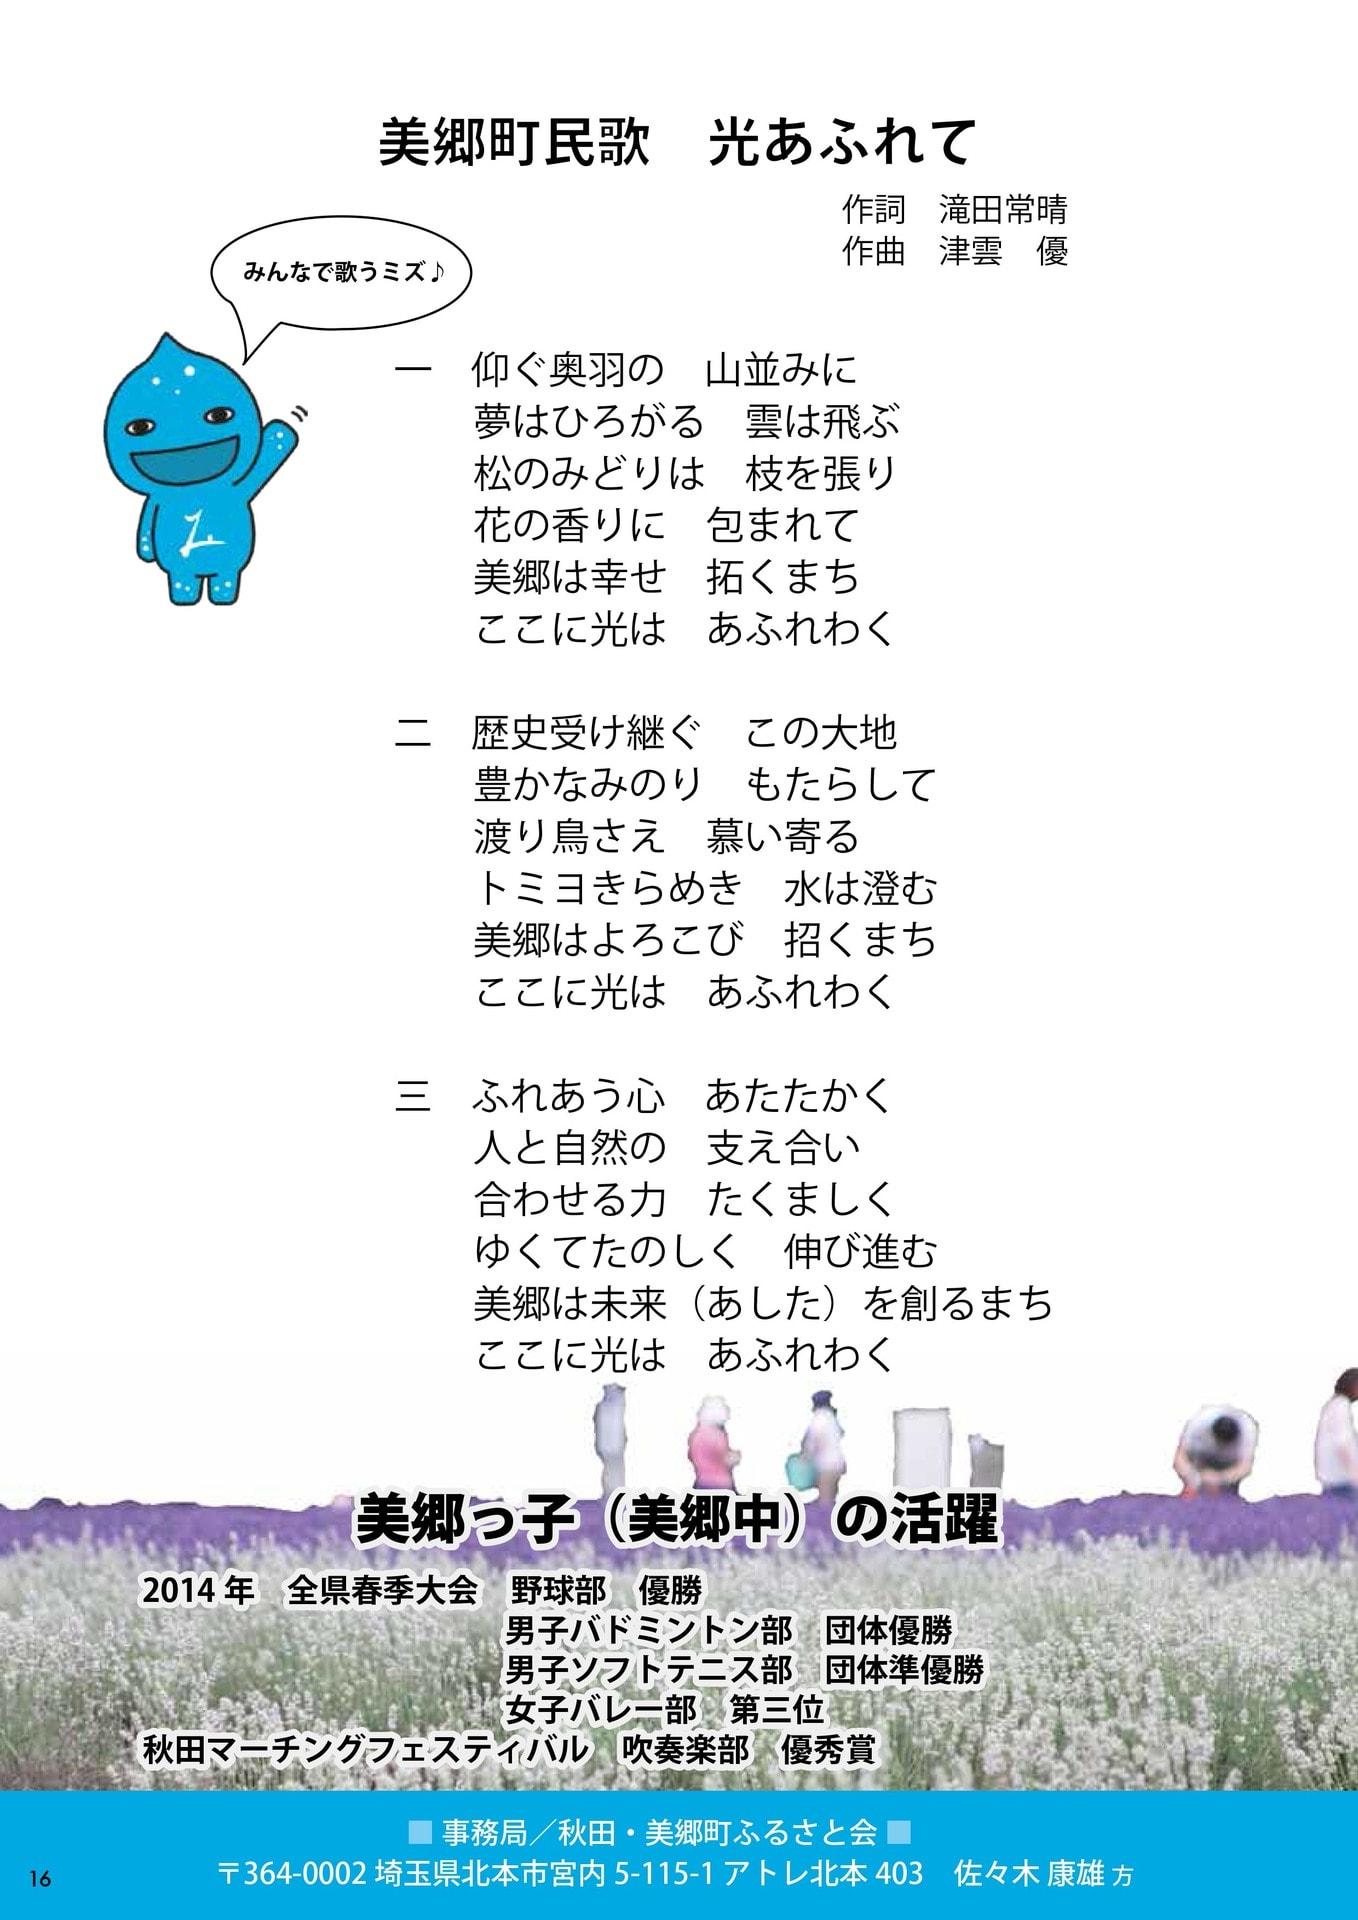 第2回秋田・美郷町ふるさと会パンフレット(美郷町民歌 光あふれて)